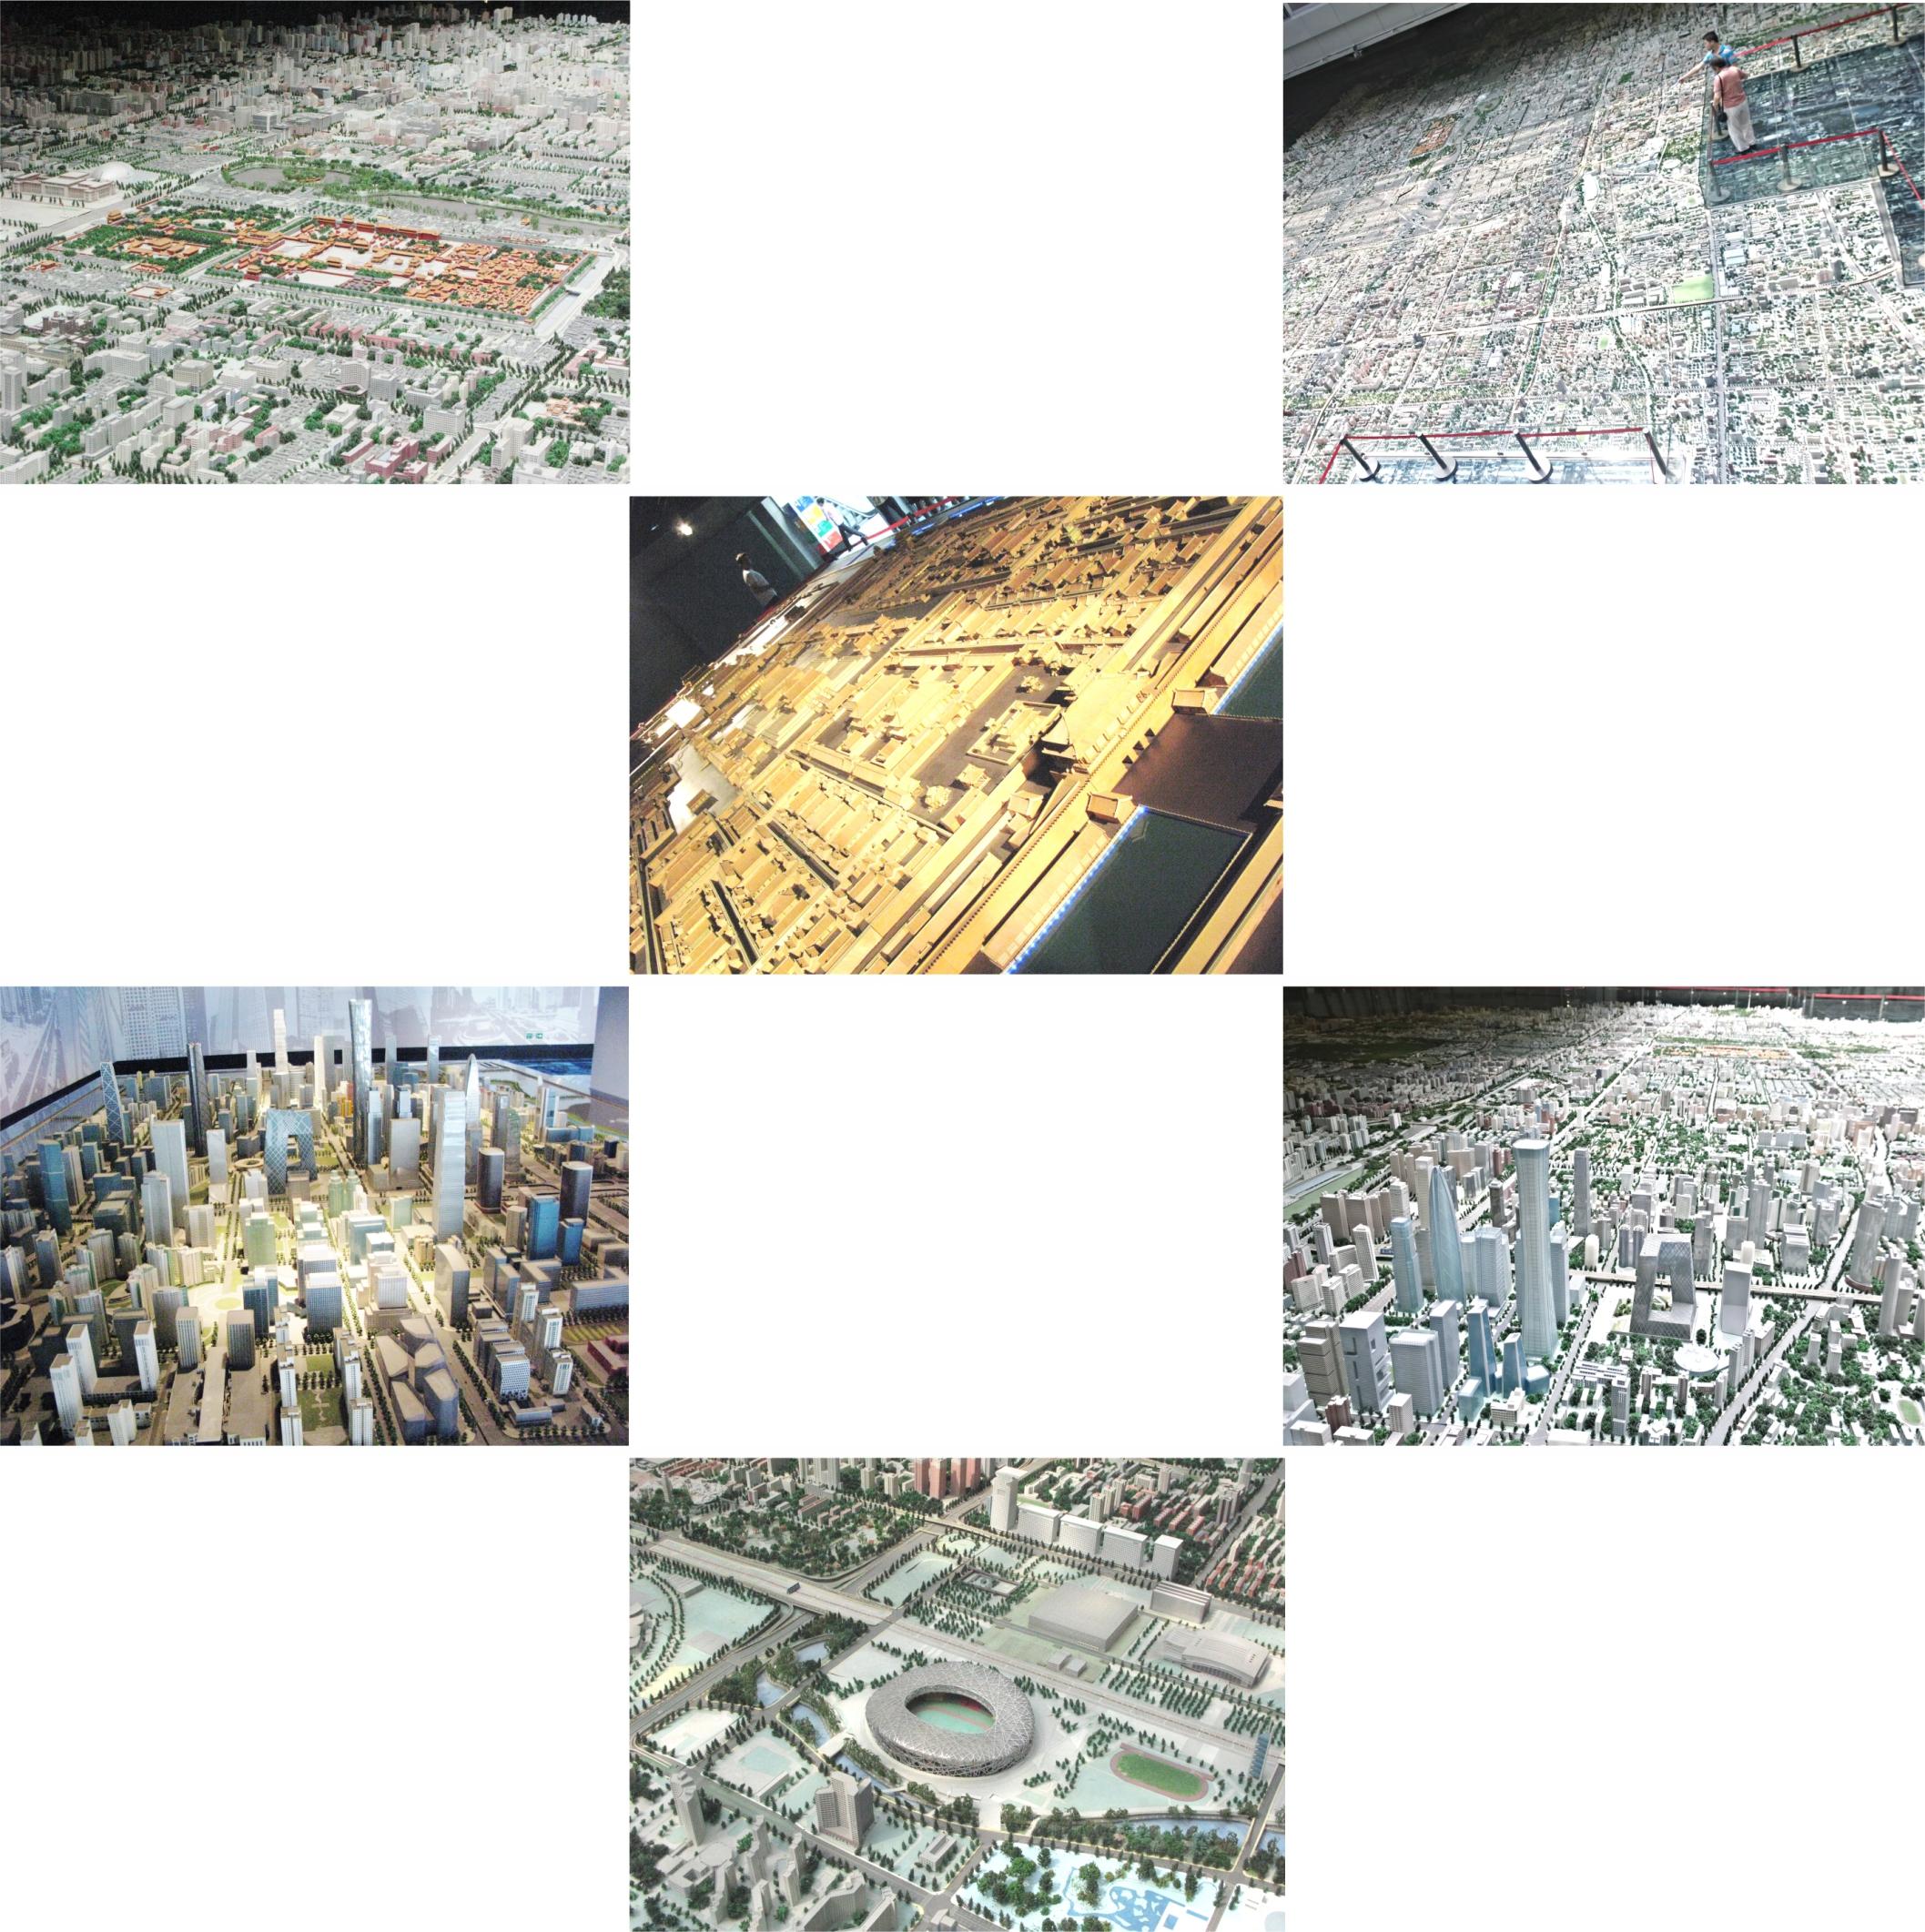 Макет города в Музее городского планирования. Фото автора